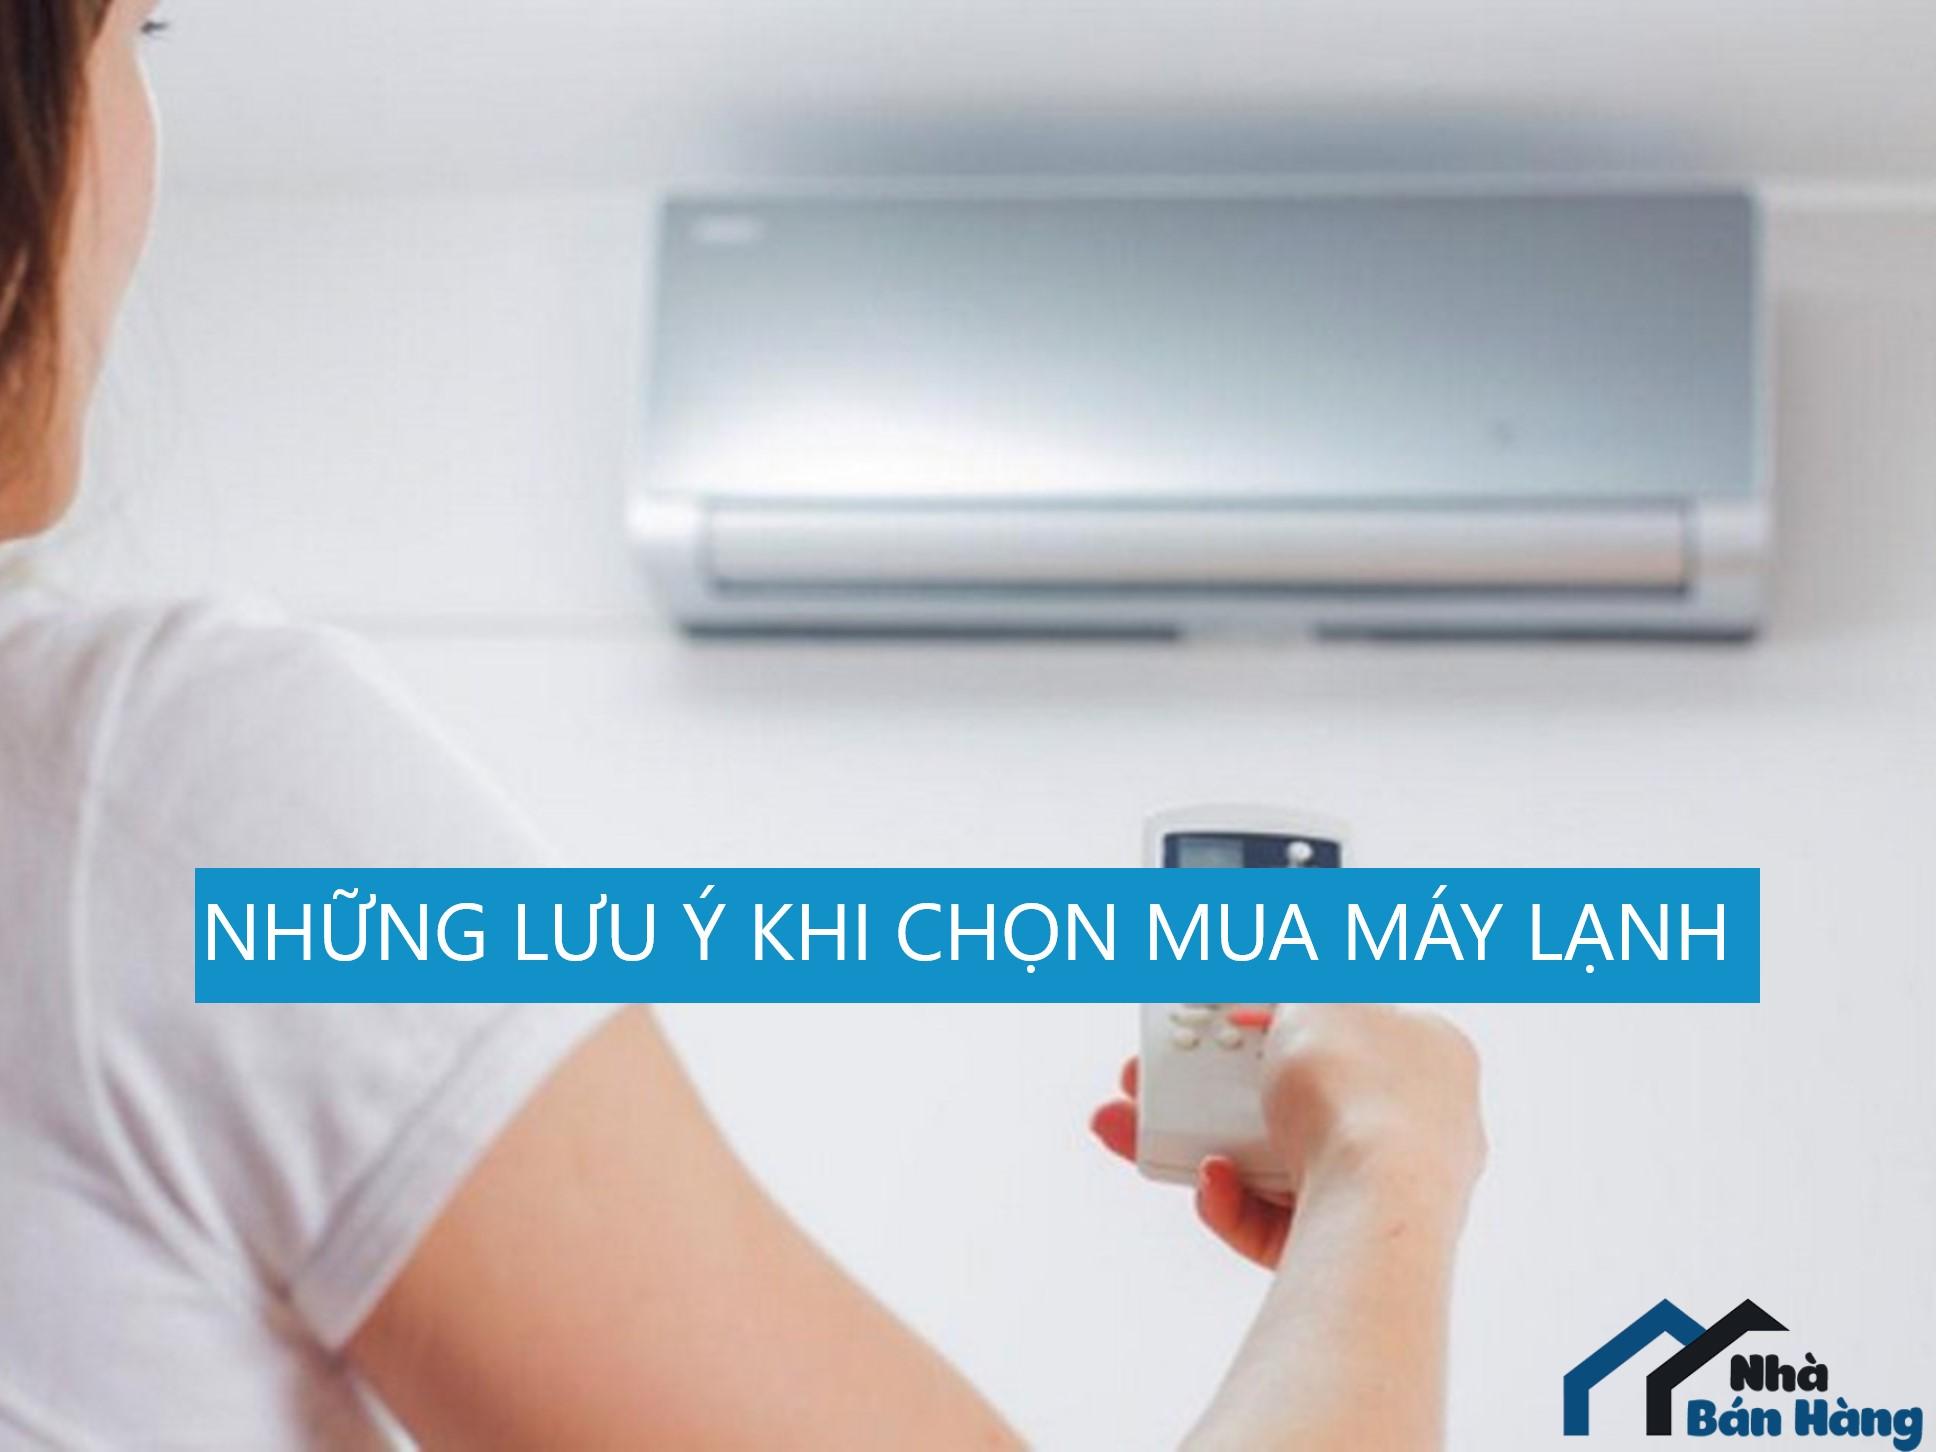 Những lưu ý nên tham khảo trước khi mua máy lạnh hay máy điều hòa